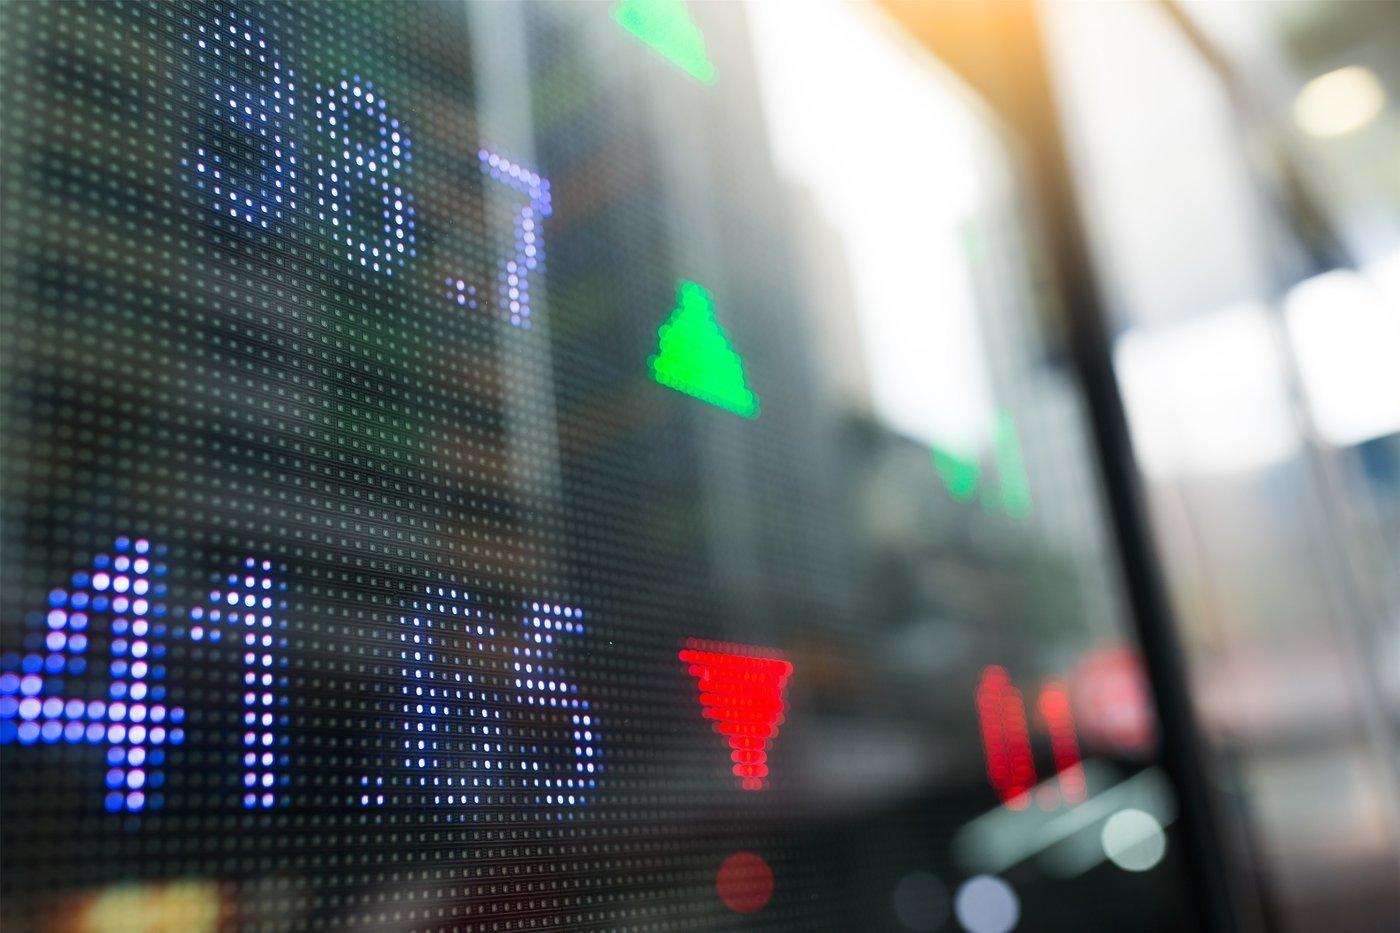 直播网红概念股泡沫破灭时:半个月内从8个涨停到跌停